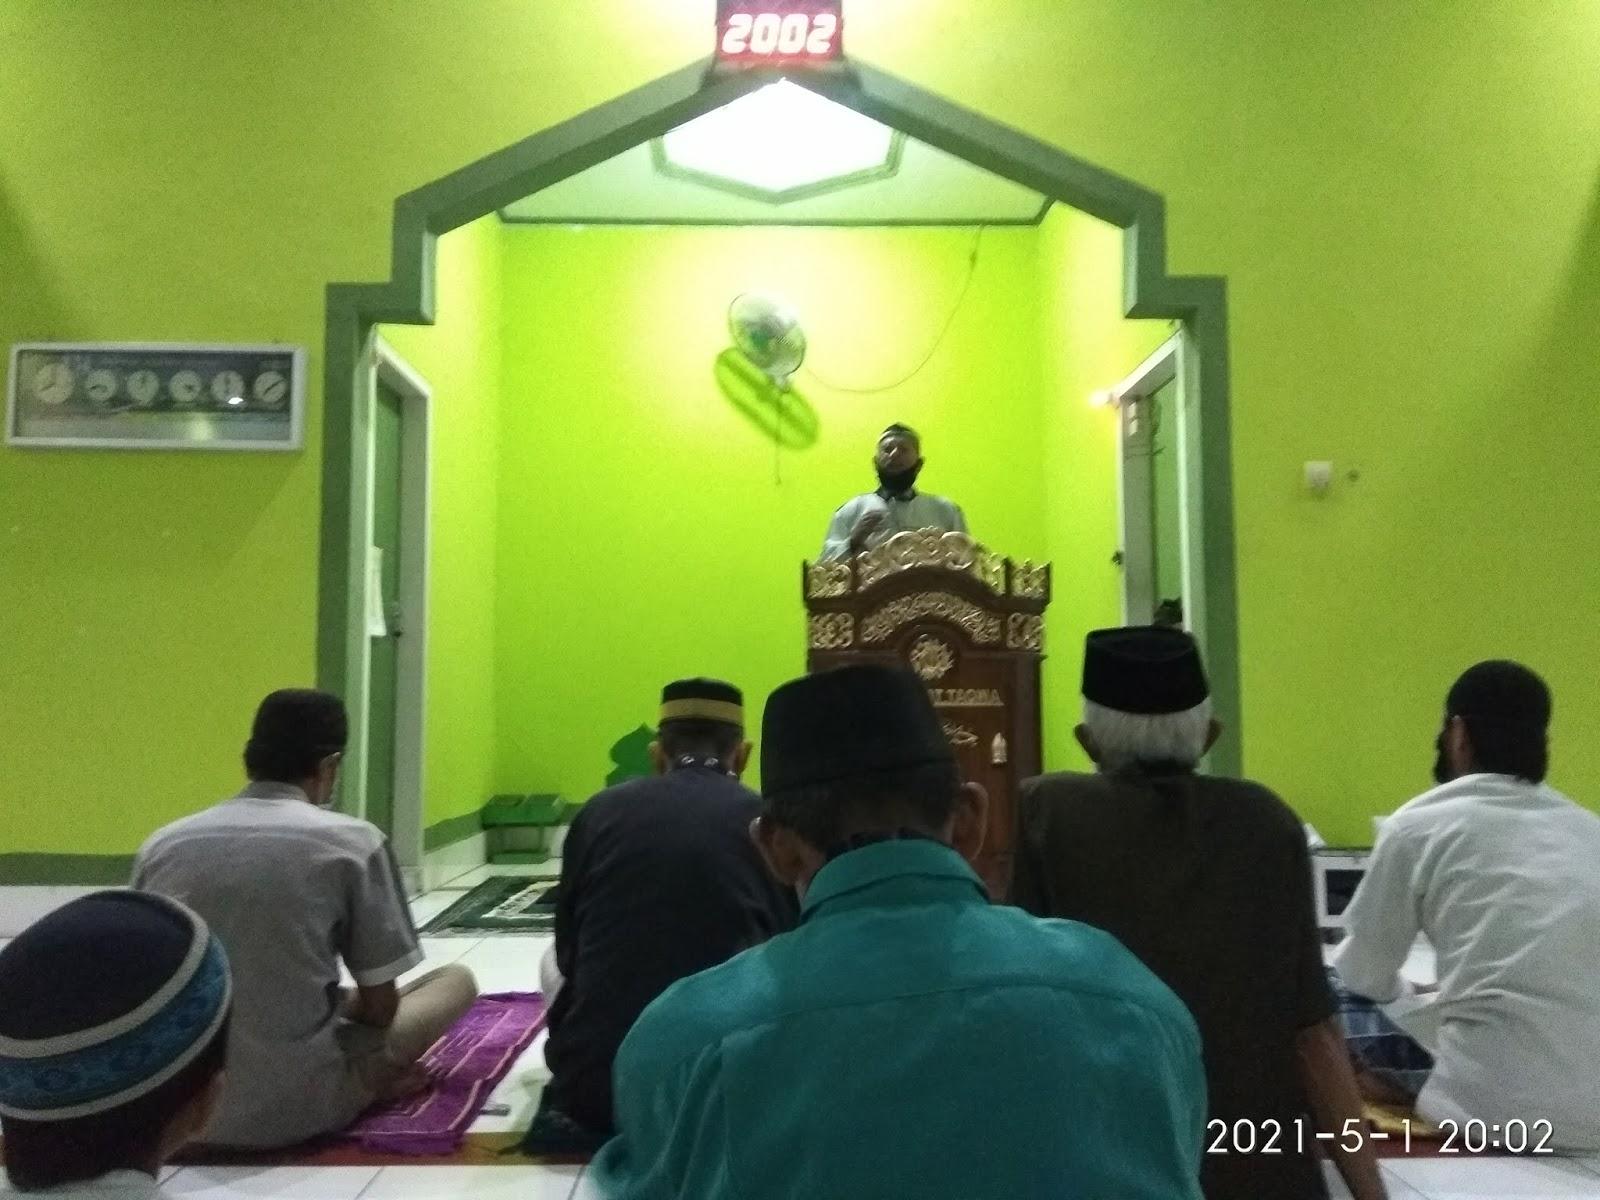 Kades Gattareng Kembali Menyampaikan Himbauan dan Arahan ke Masyarakat di Mesjid At-Taqwa Palie